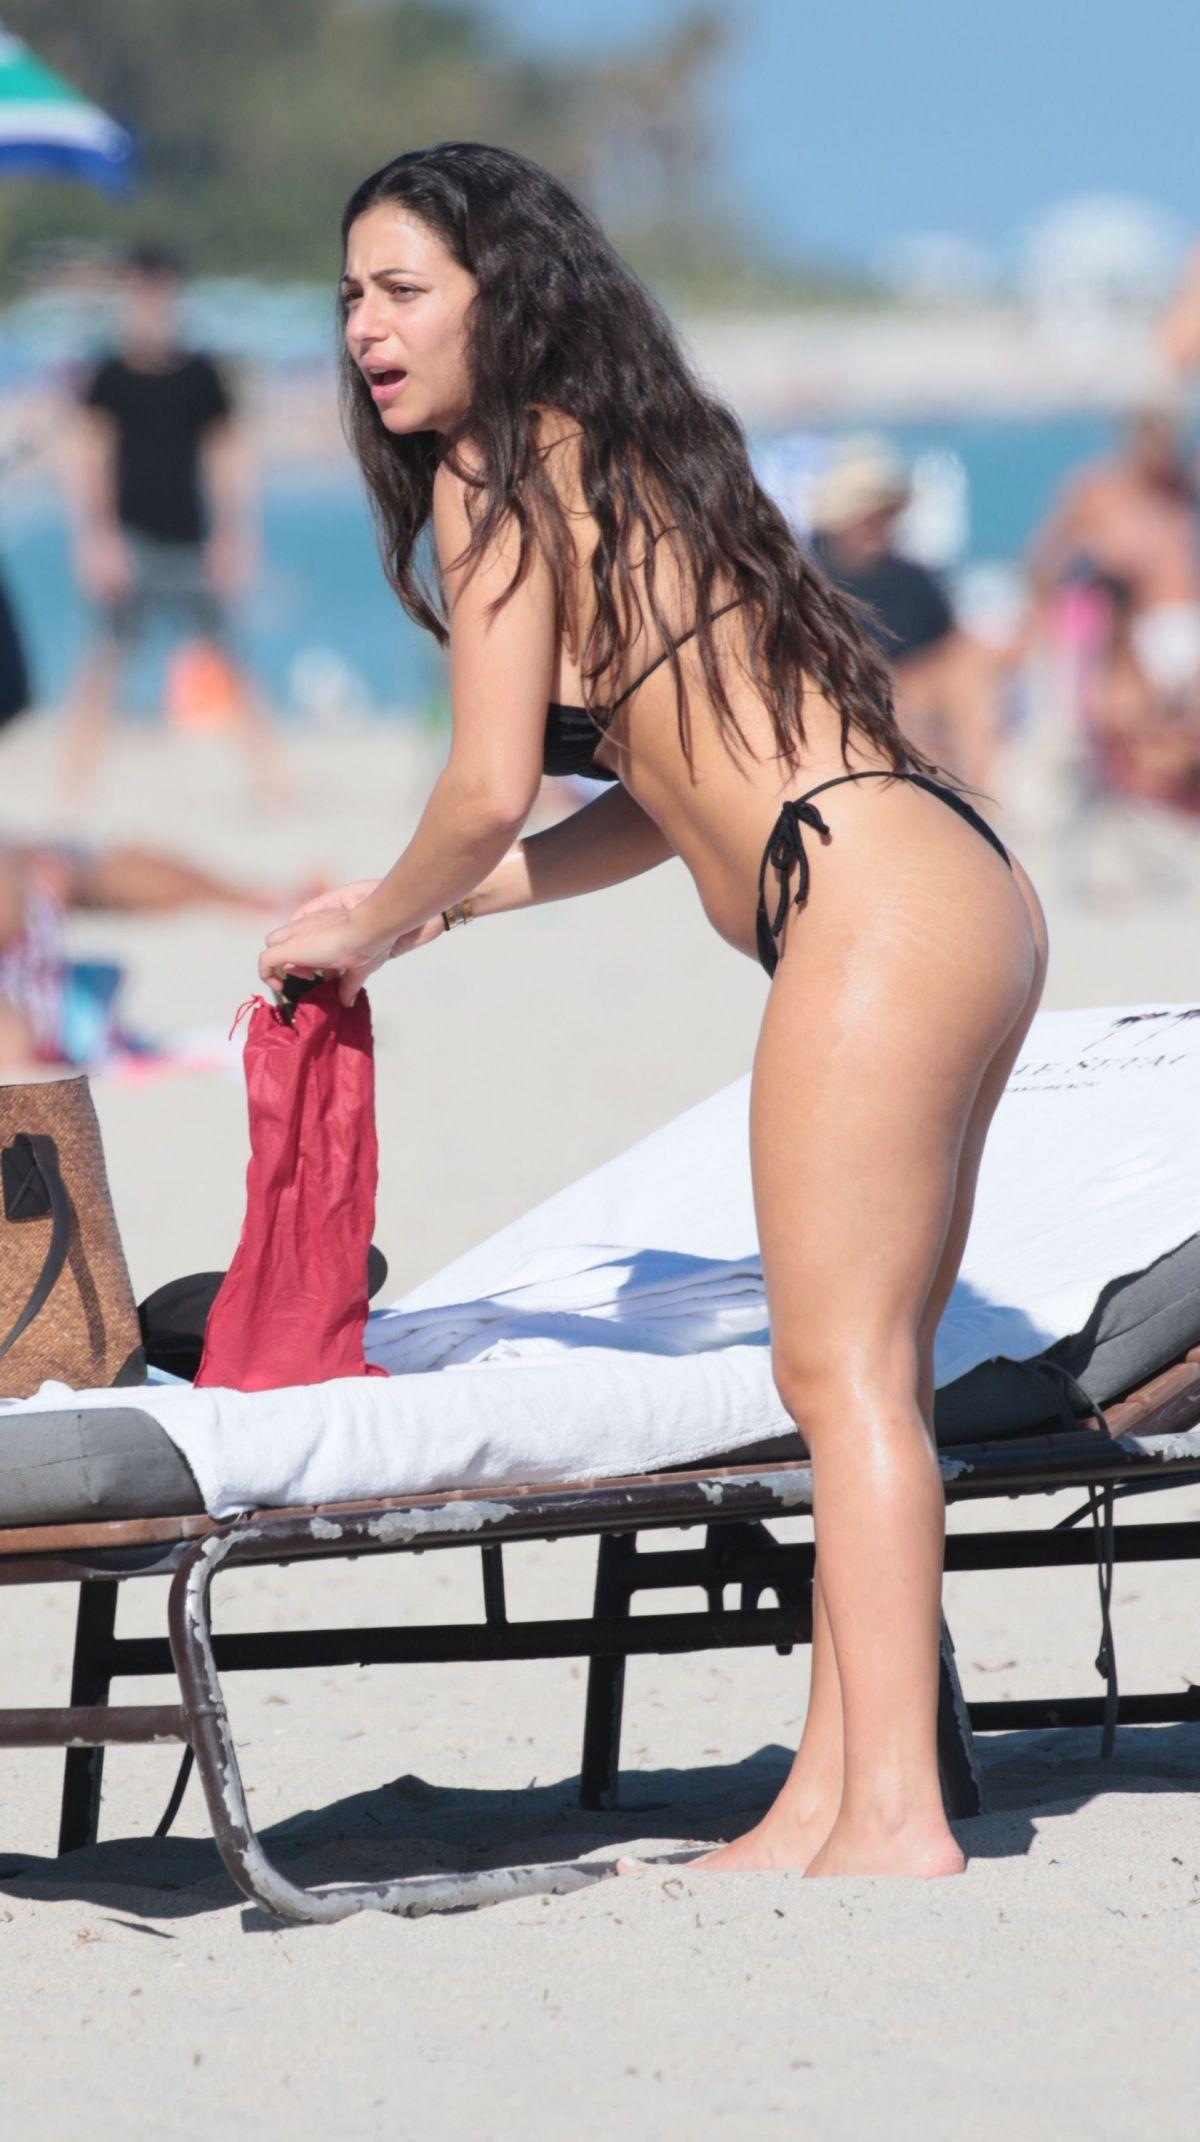 Shira Yaakov in Bikini at the beach in Miami Pic 1 of 35